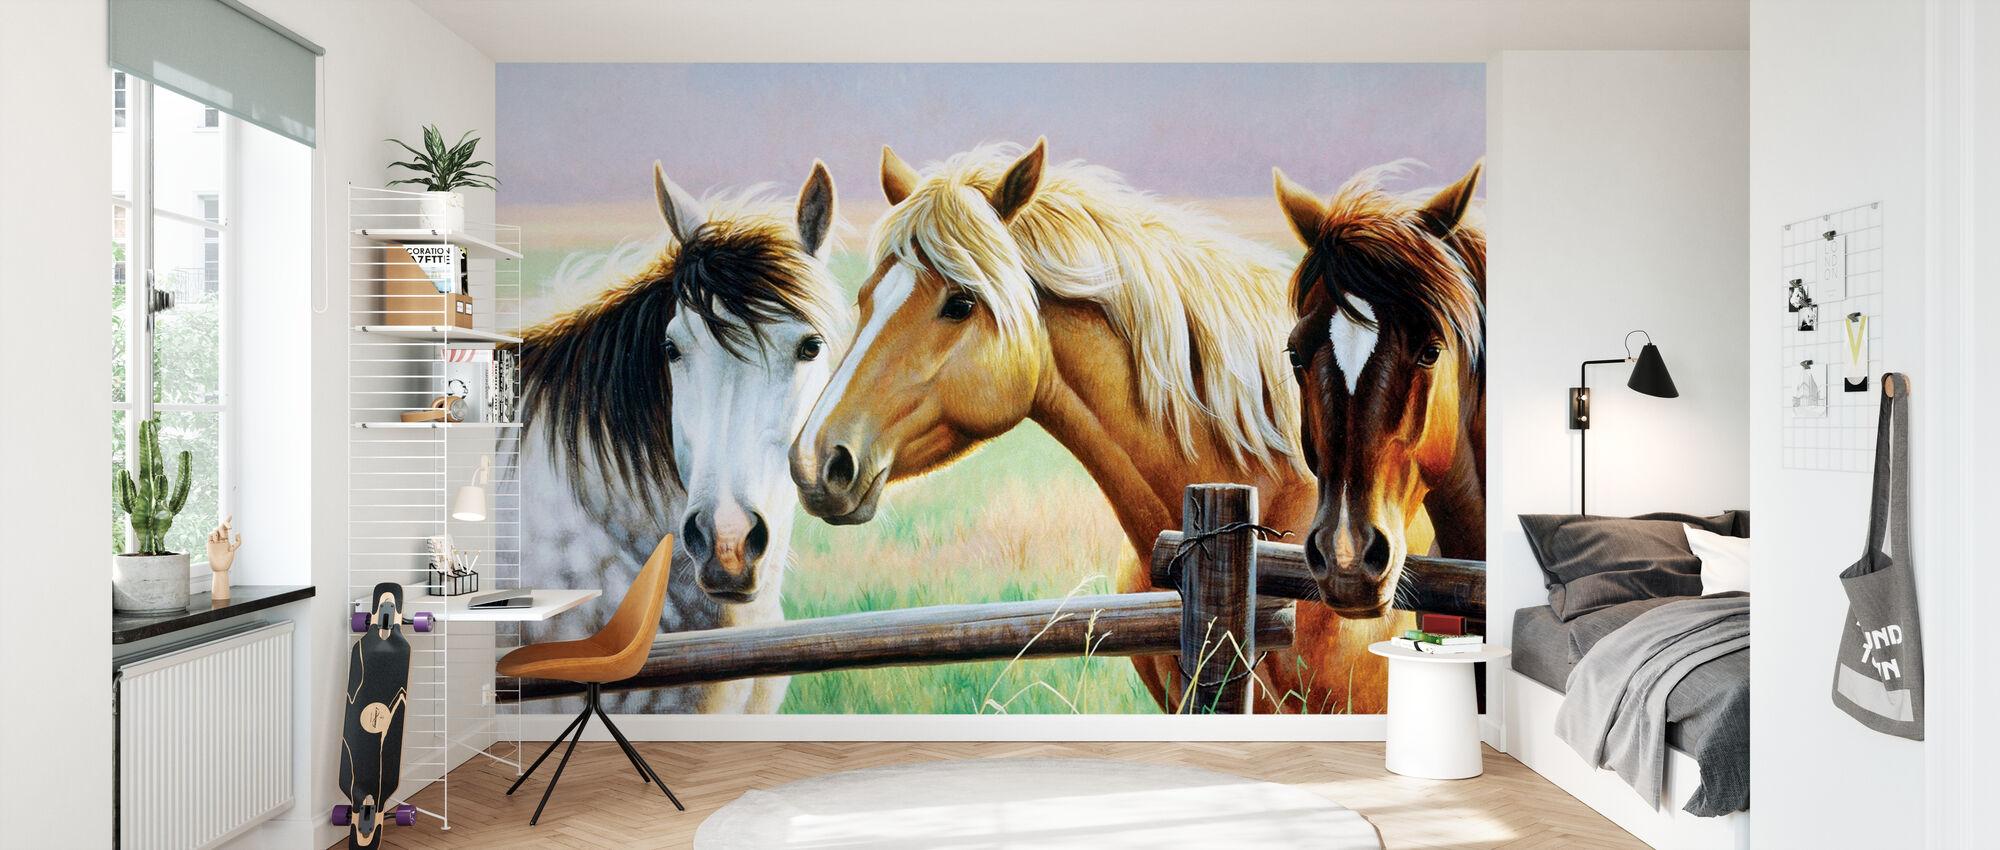 Drei Pferde auf dem Zaun - Tapete - Kinderzimmer